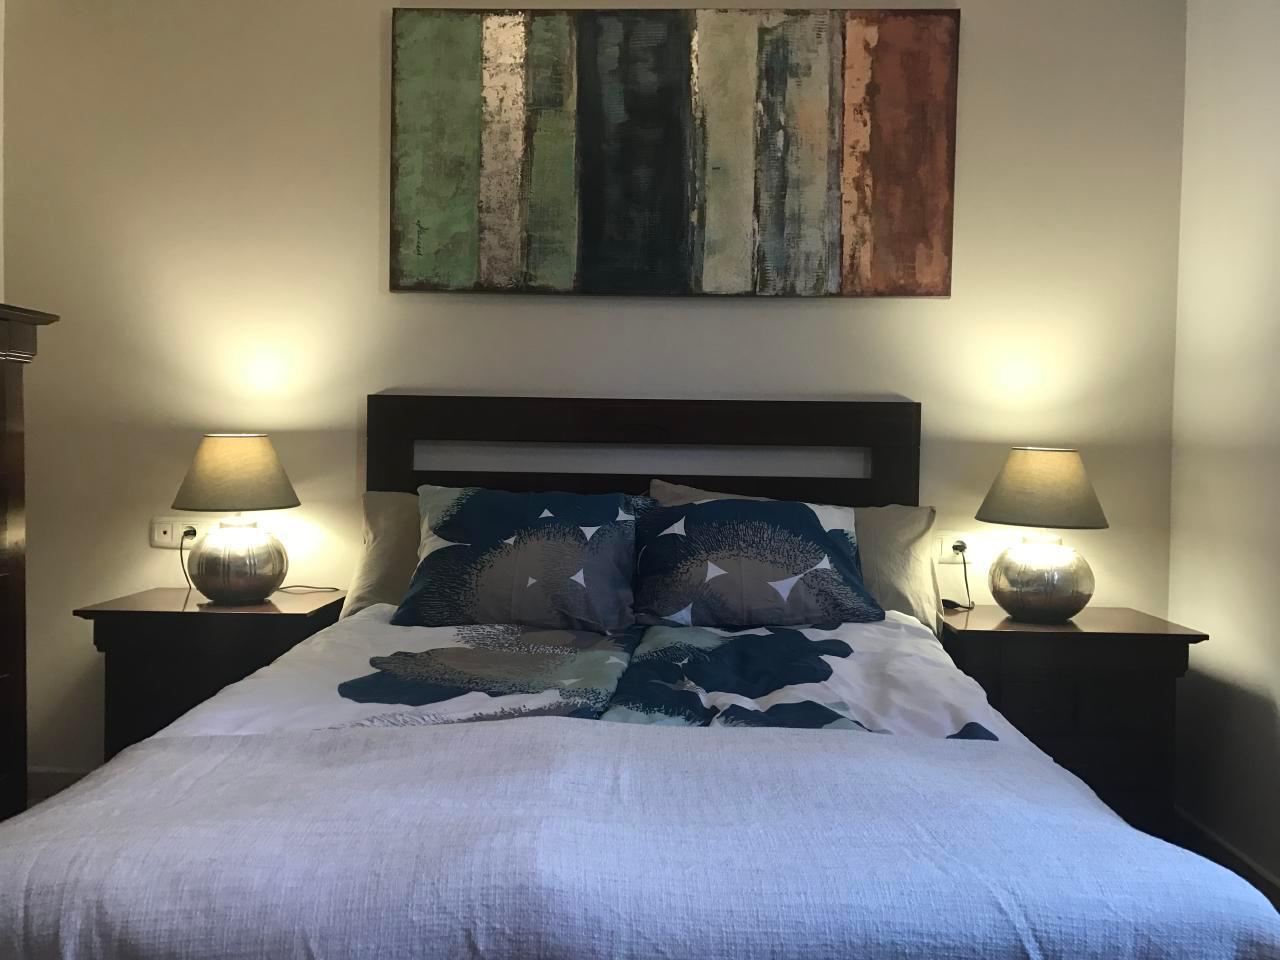 Ferienhaus Casa BELLA 150 vom strand, grill, garten , WiFi (2066771), Costa Calma, Fuerteventura, Kanarische Inseln, Spanien, Bild 4